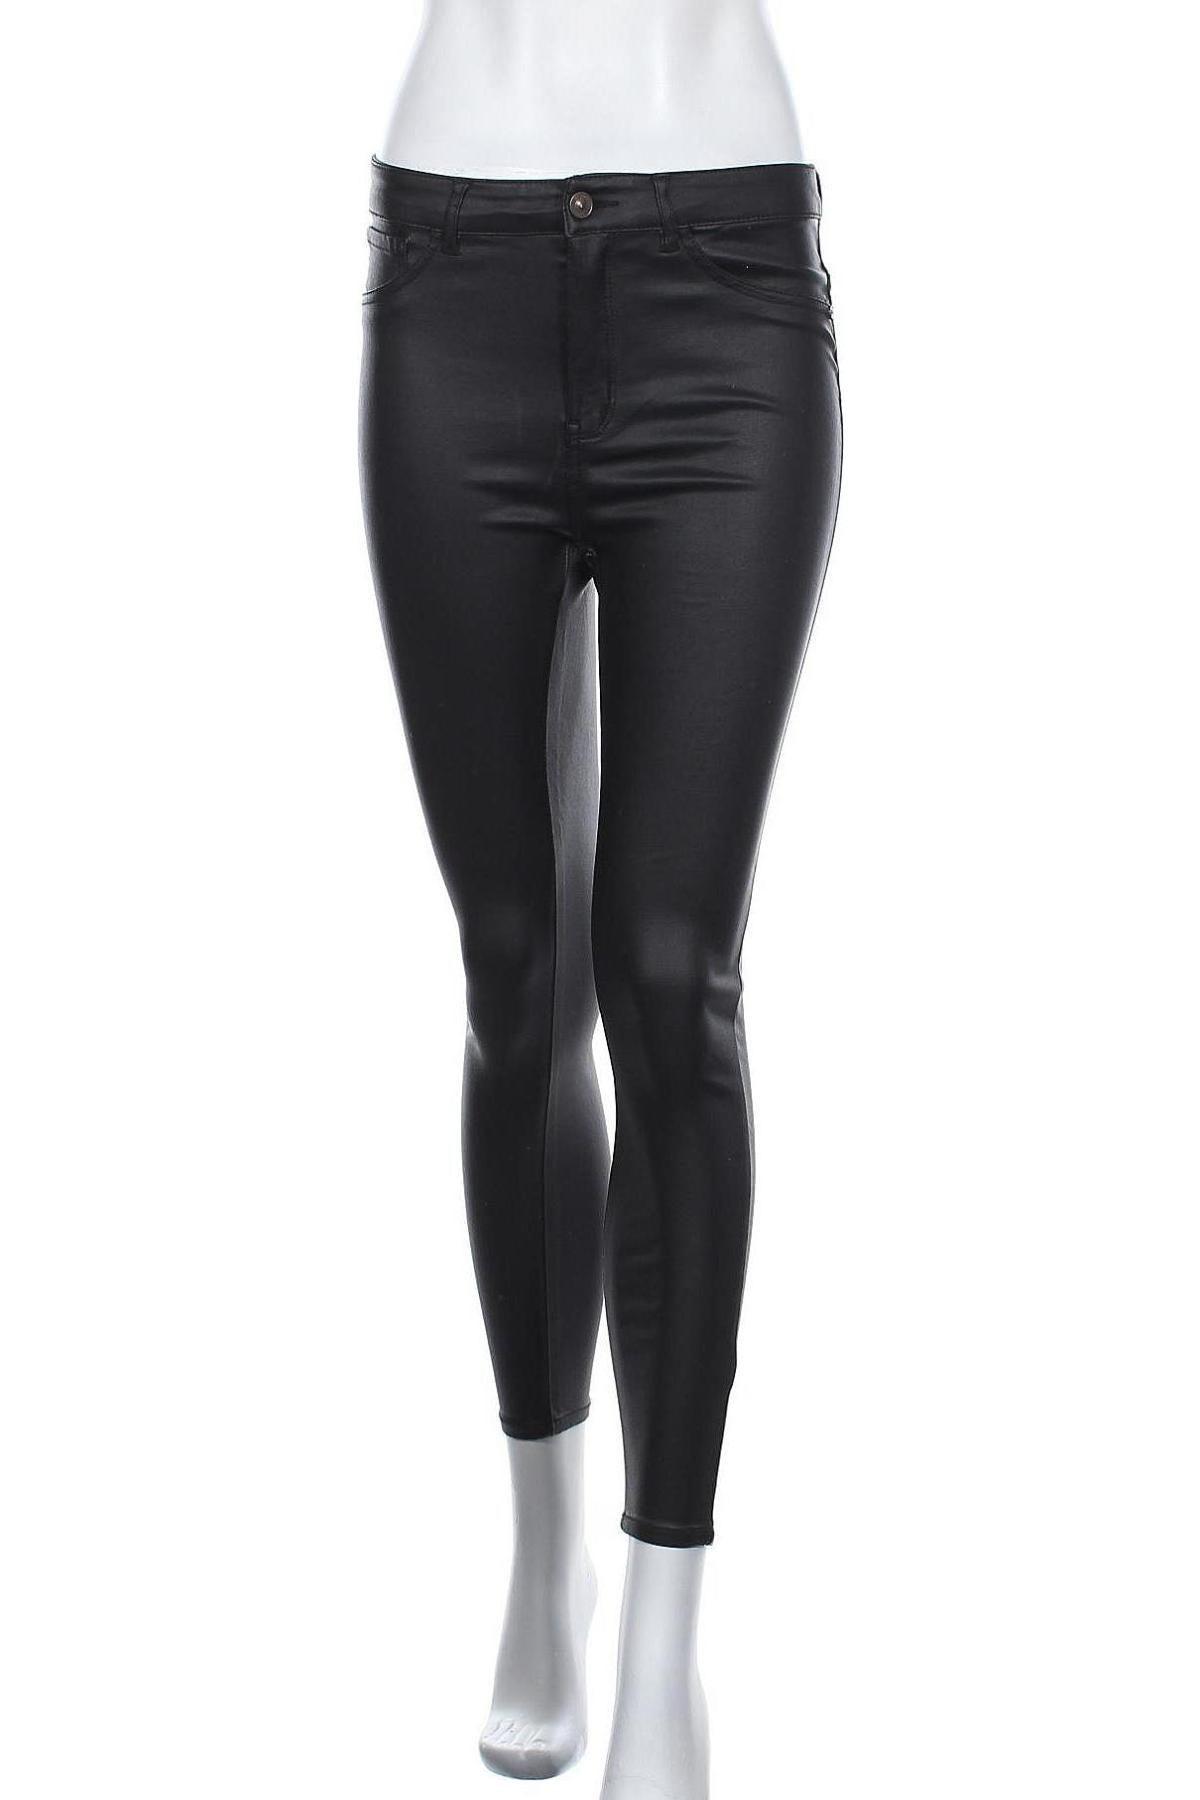 Γυναικείο παντελόνι Jdy, Μέγεθος M, Χρώμα Μαύρο, 76% βισκόζη, 21% πολυαμίδη, 3% ελαστάνη, Τιμή 20,88€